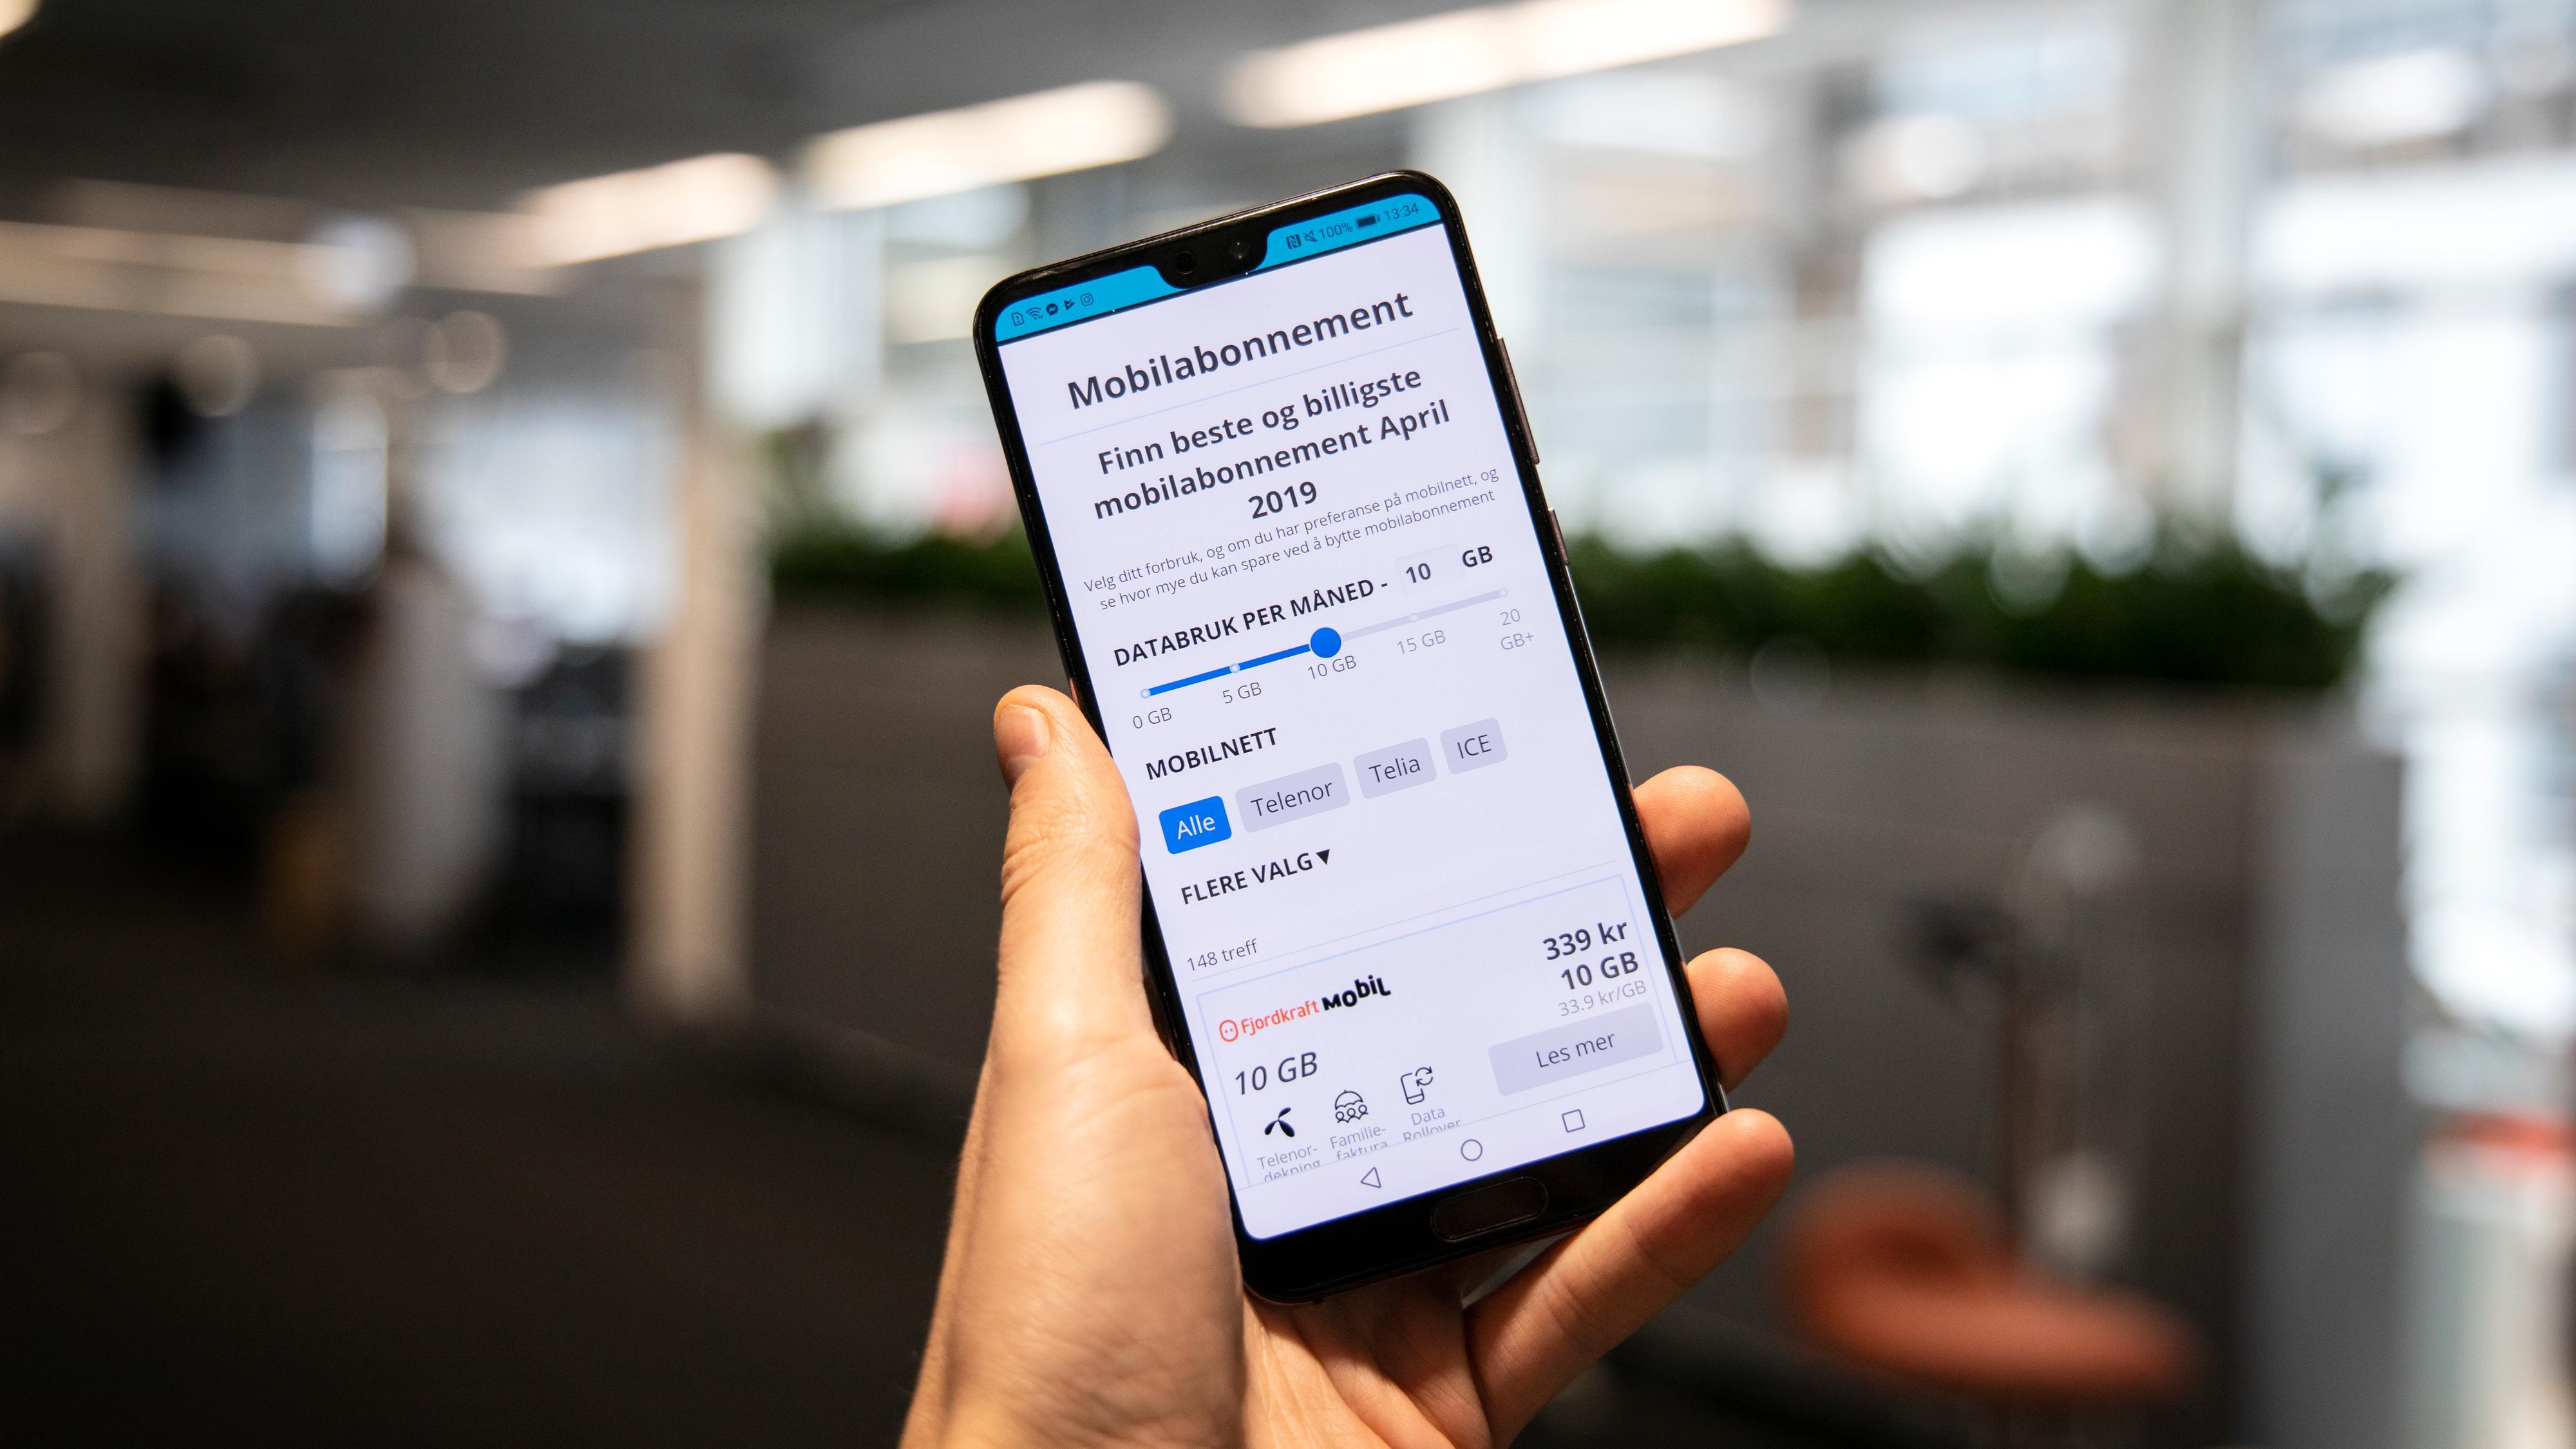 Beste mobilabonnement - vår 2019